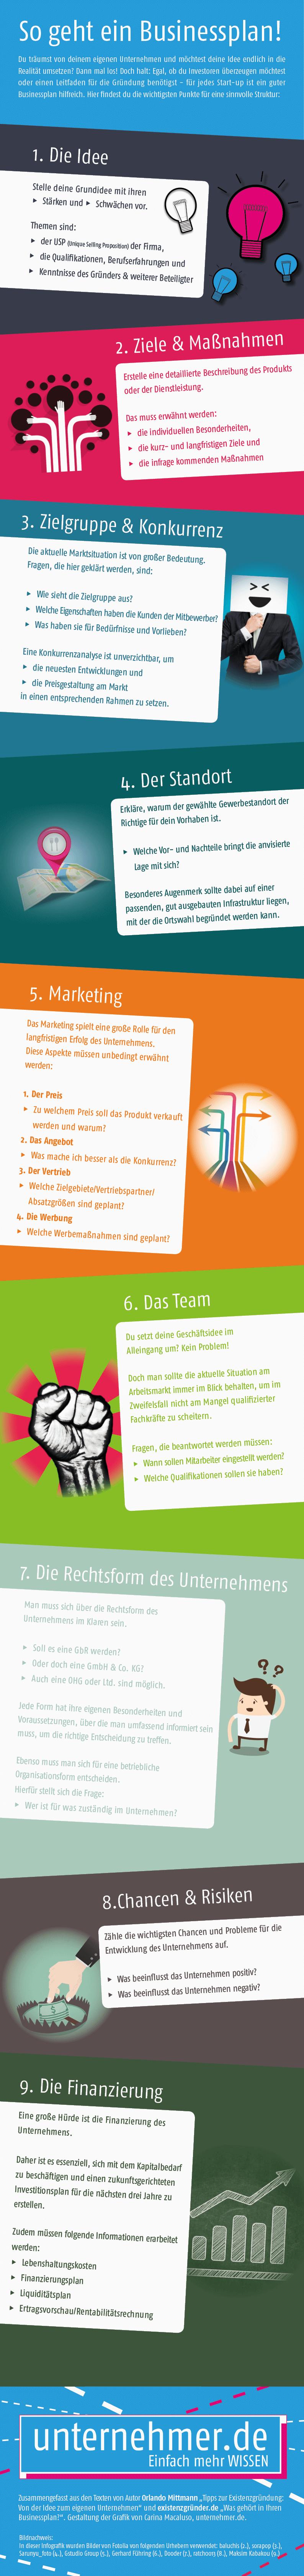 Infografik: So geht ein Businessplan!